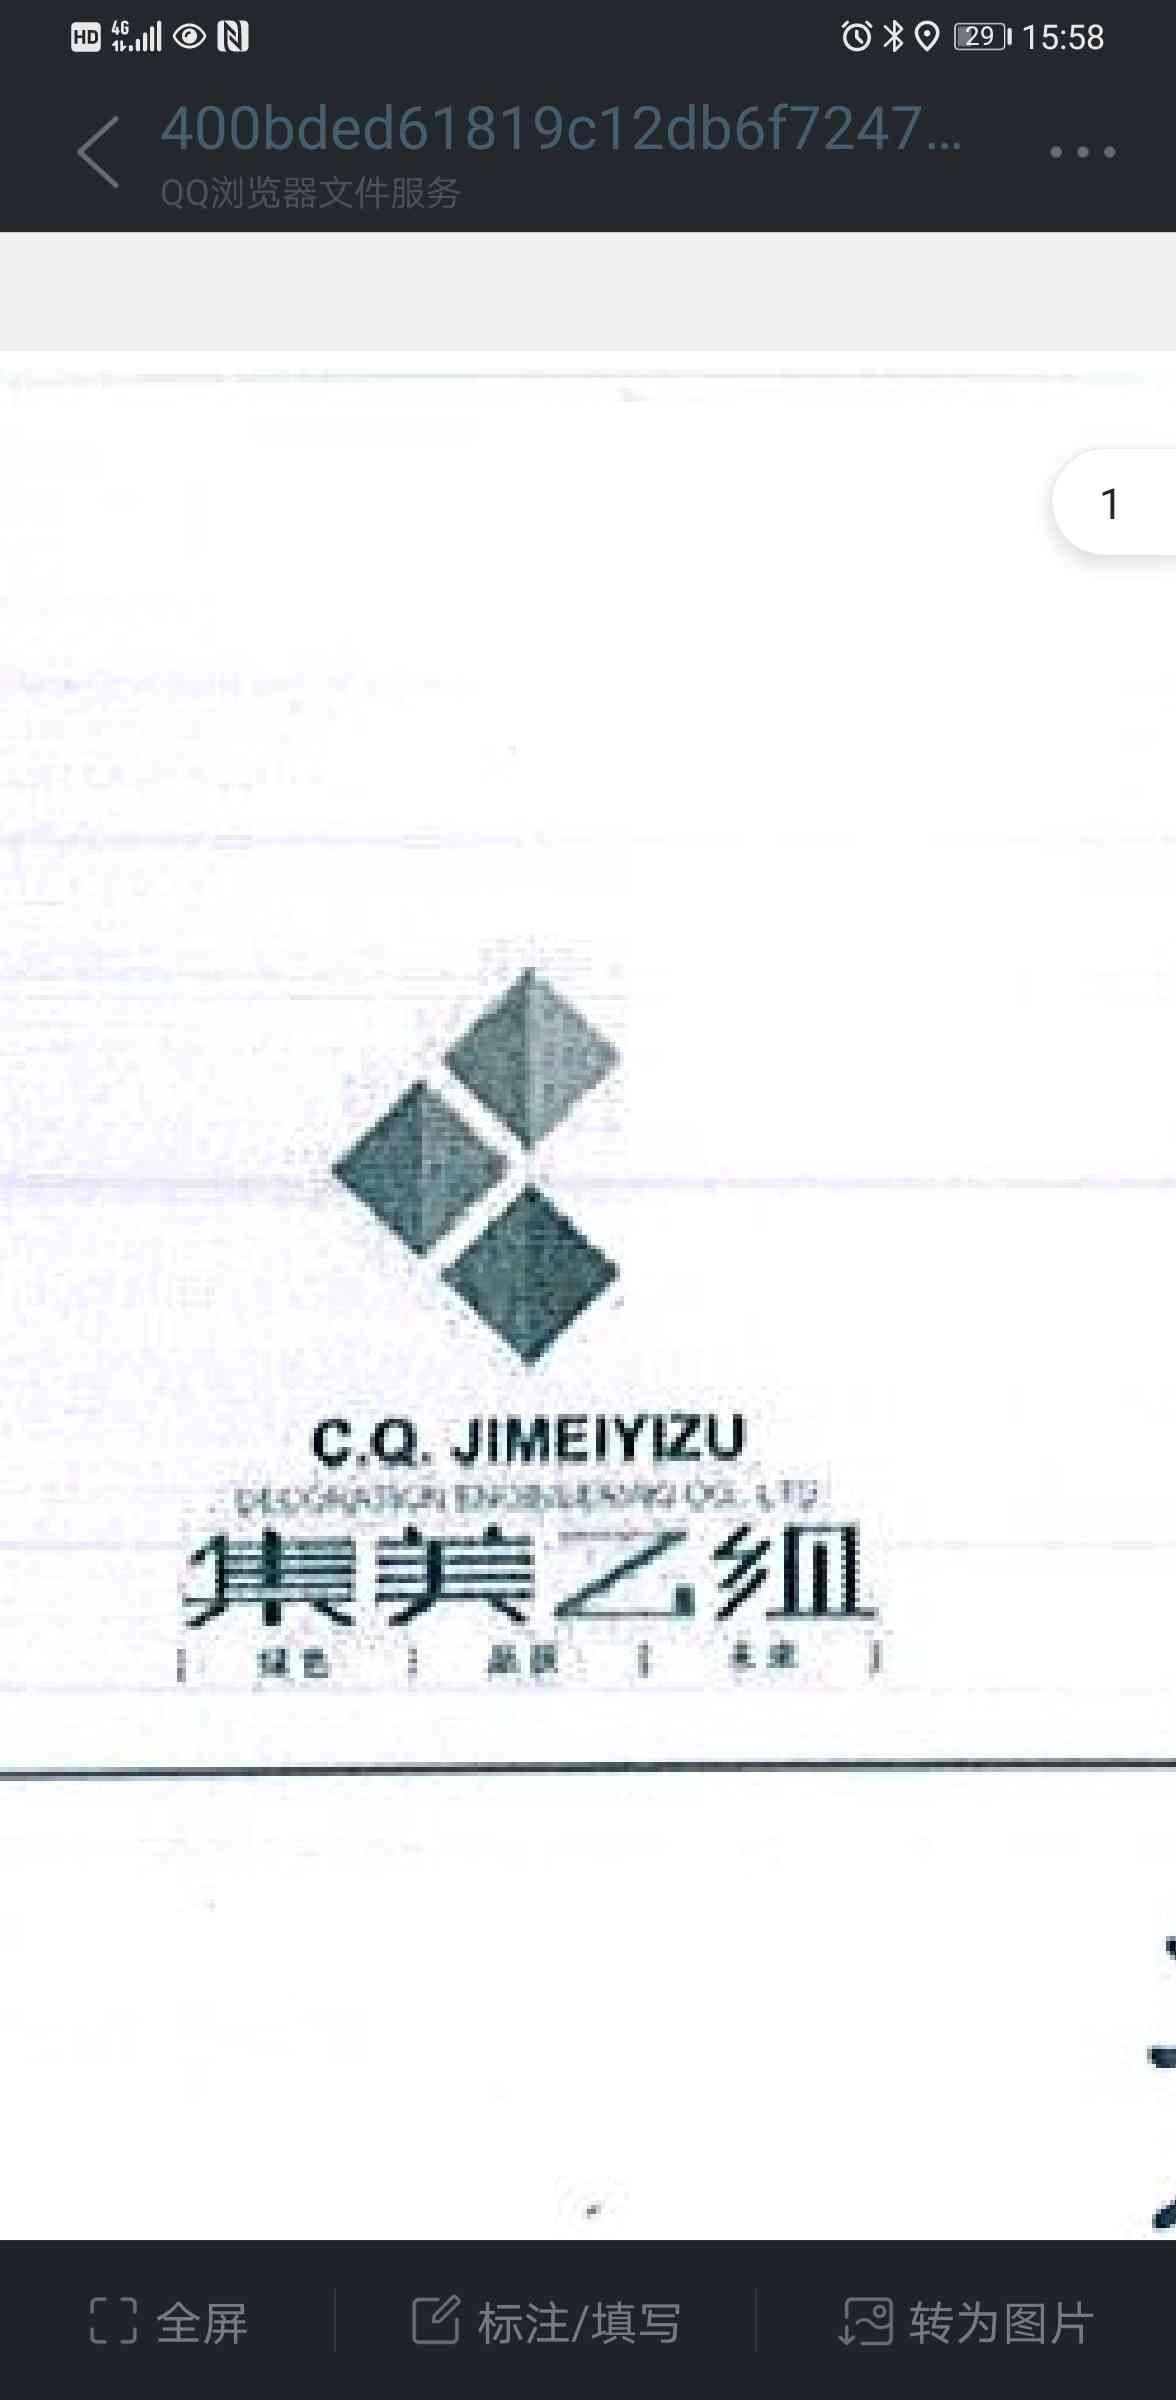 重慶集美乙組裝飾工程有限公司